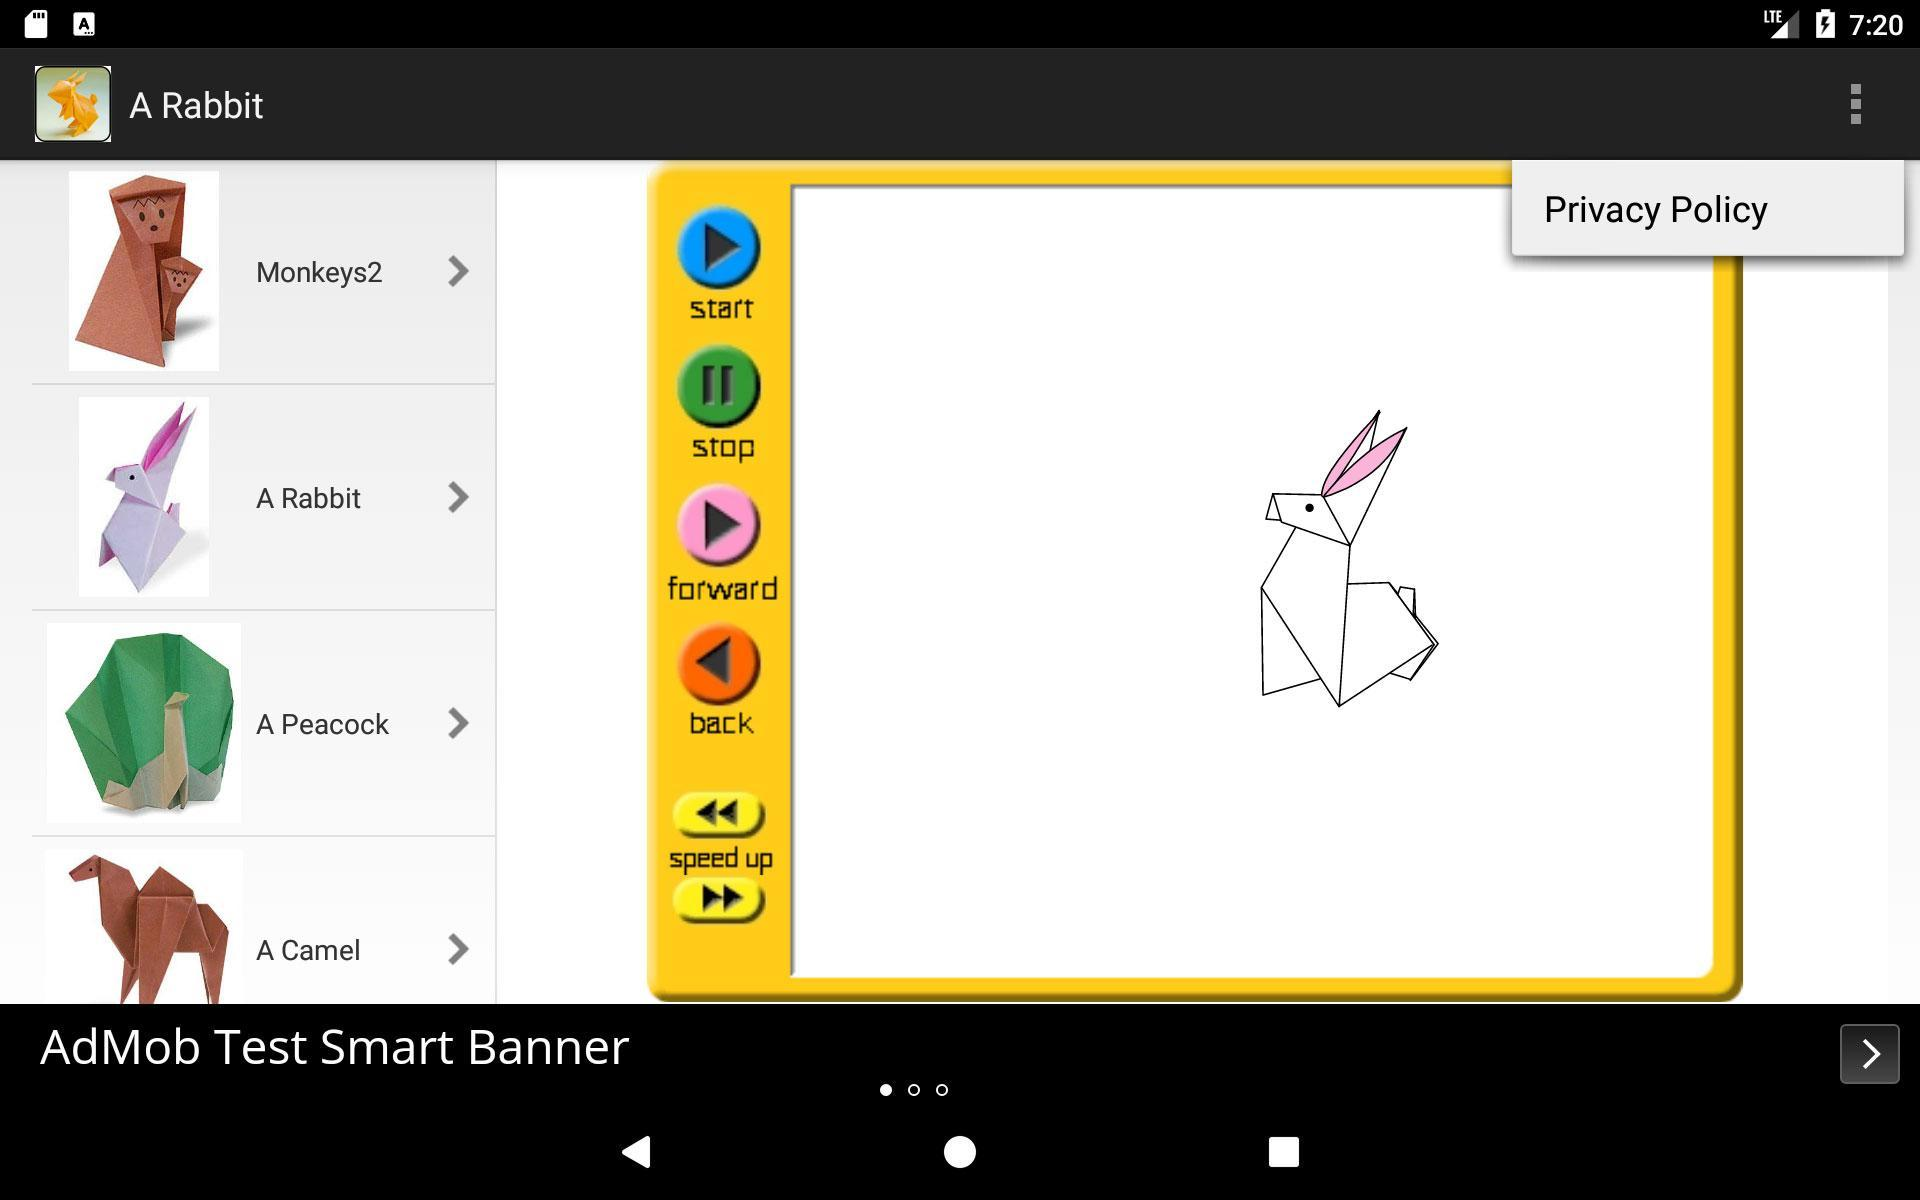 6800 Gambar Hewan Dari Origami Gratis Terbaru